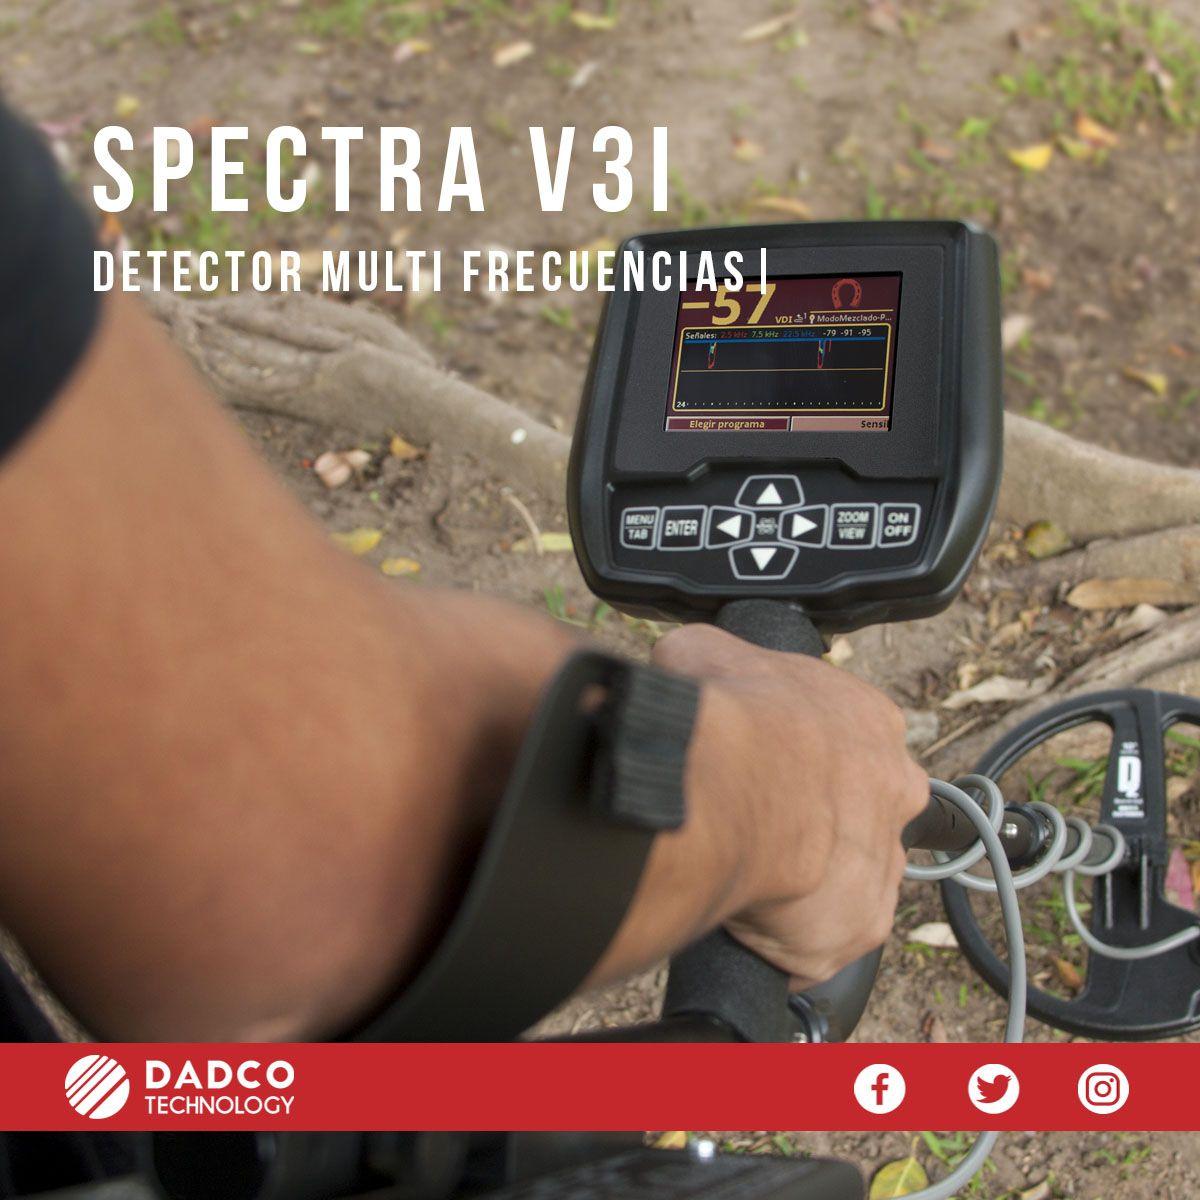 El Spectra V3i De La Marca Whites Es Un Detector Con Tecnologia Vlf Y Trabaja Con Multiple Frecuencia Al Trabajar Con Las 3 Detector De Metales Tipos De Suelo